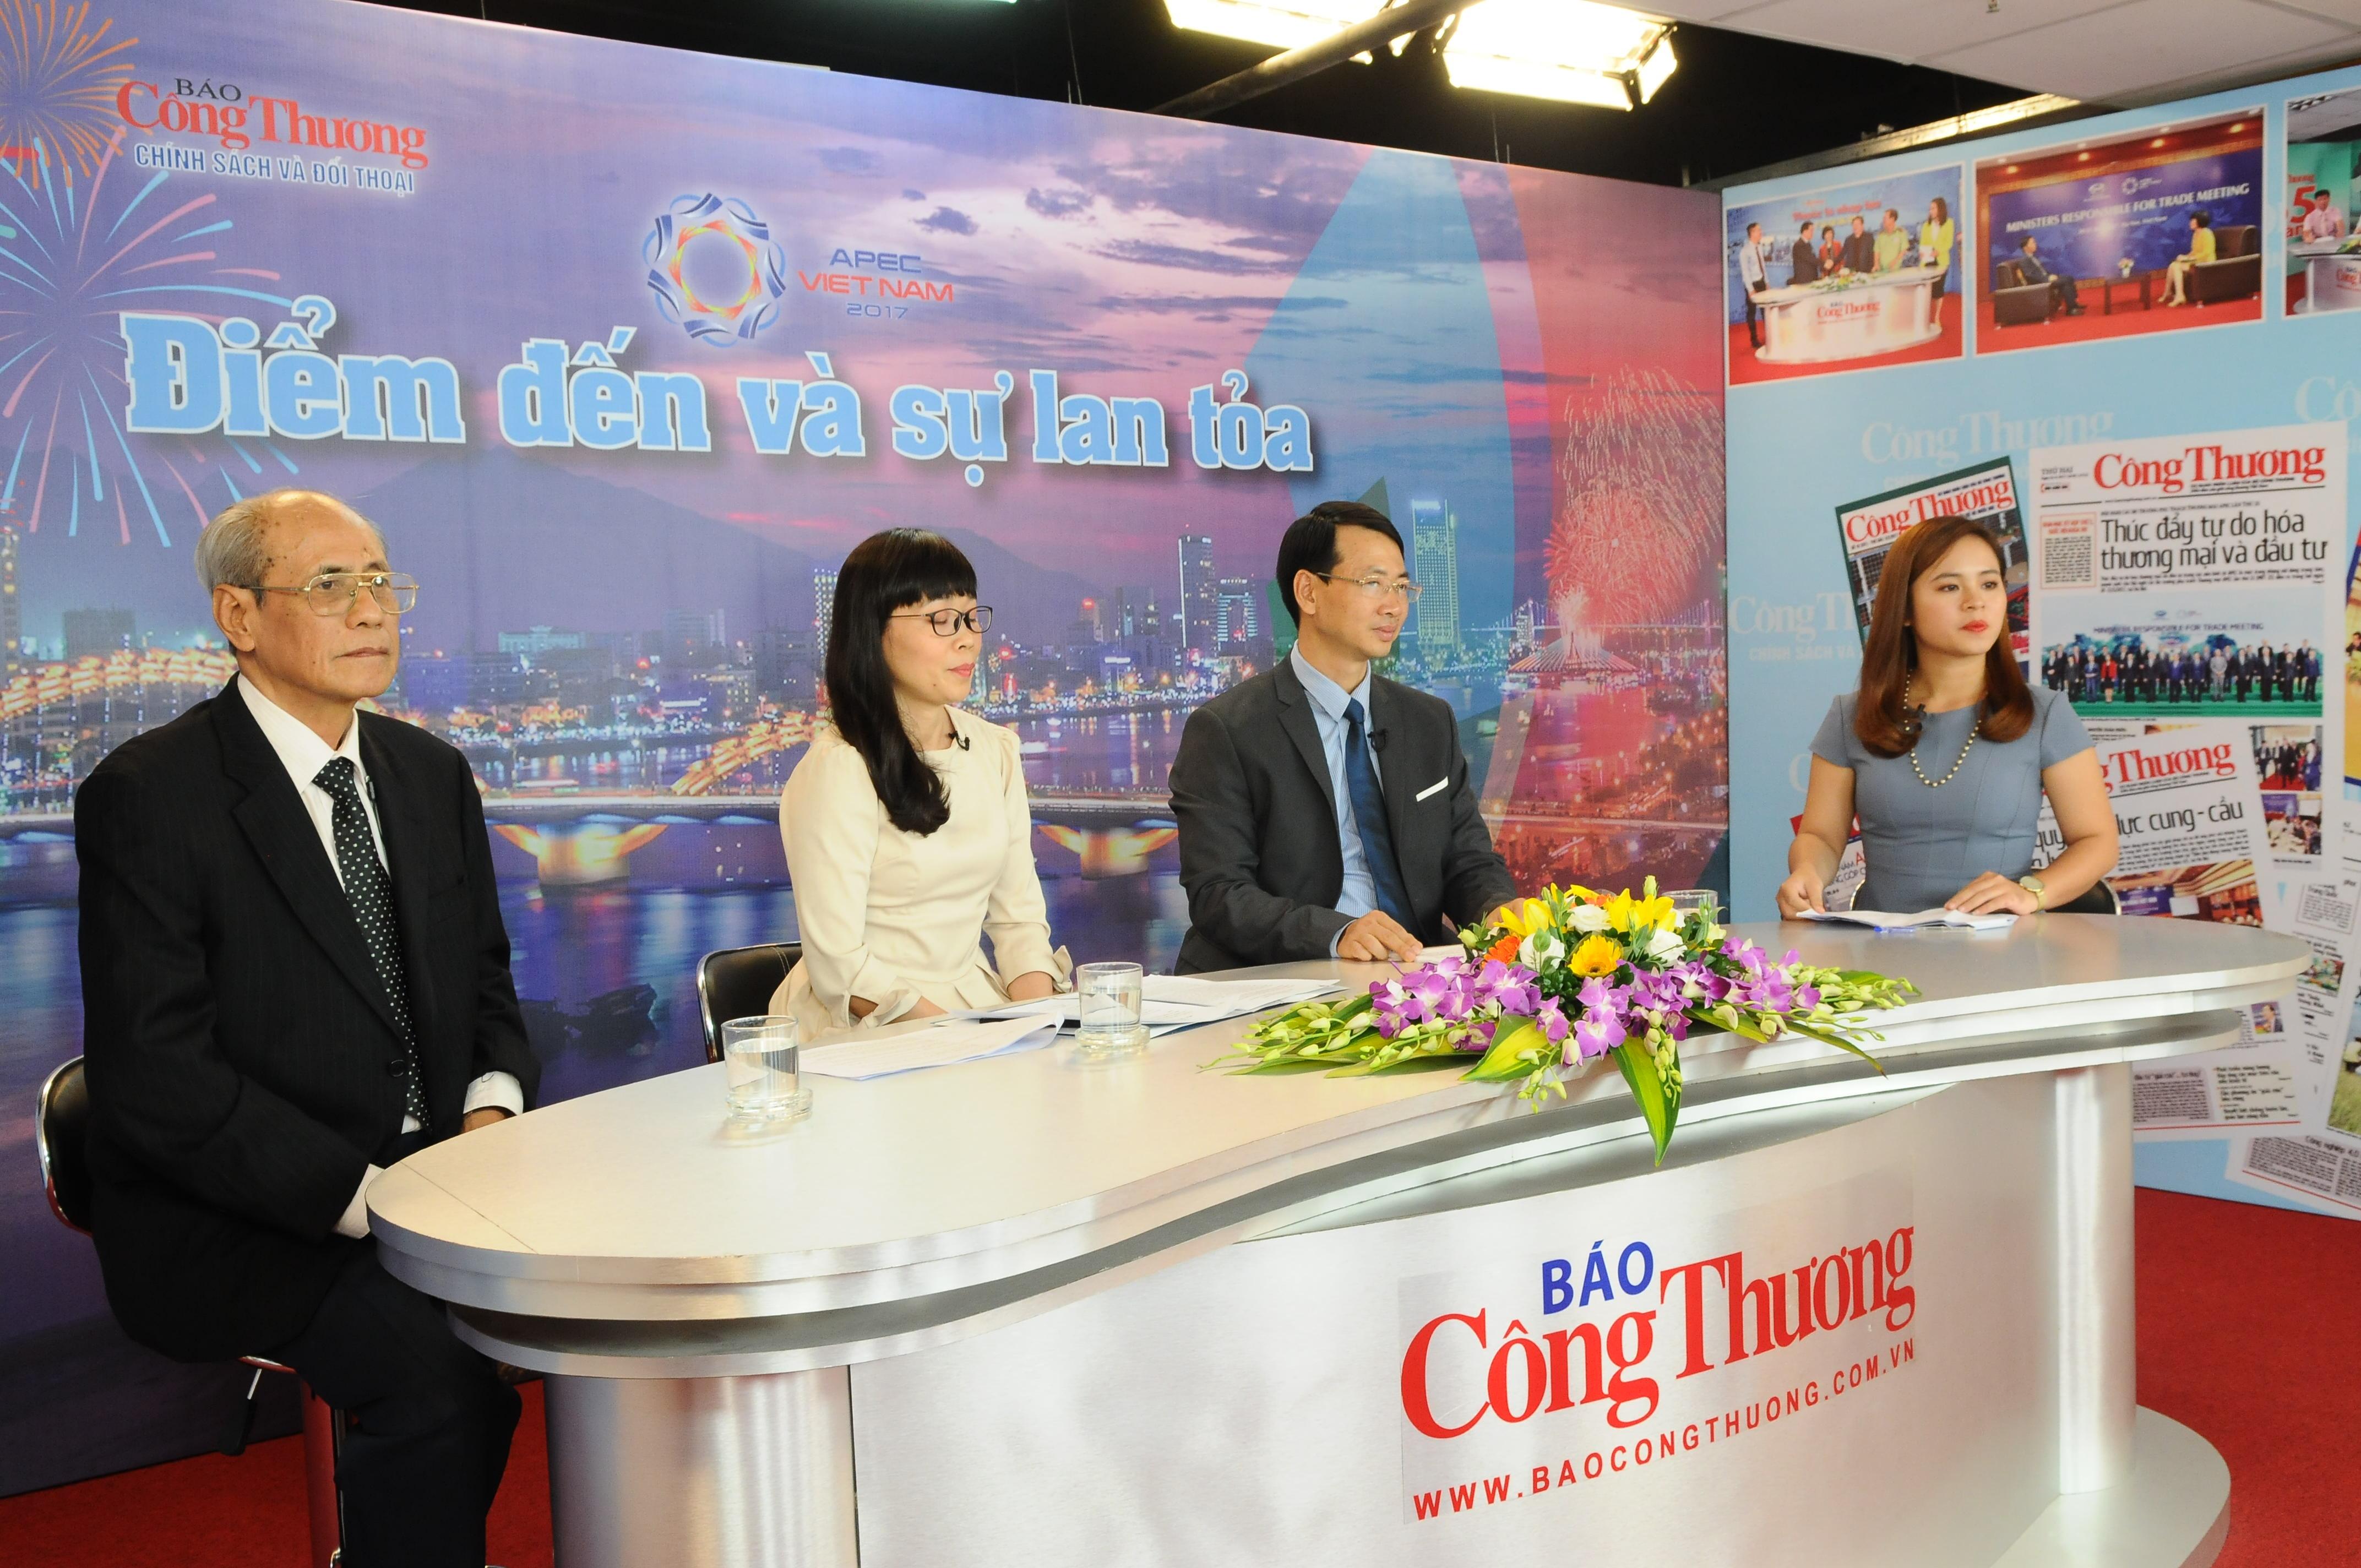 APEC Việt Nam 2017 - Điểm đến và sự lan tỏa - Phần 2: Bước ngoặt cho sự phát triển của du lịch Việt Nam